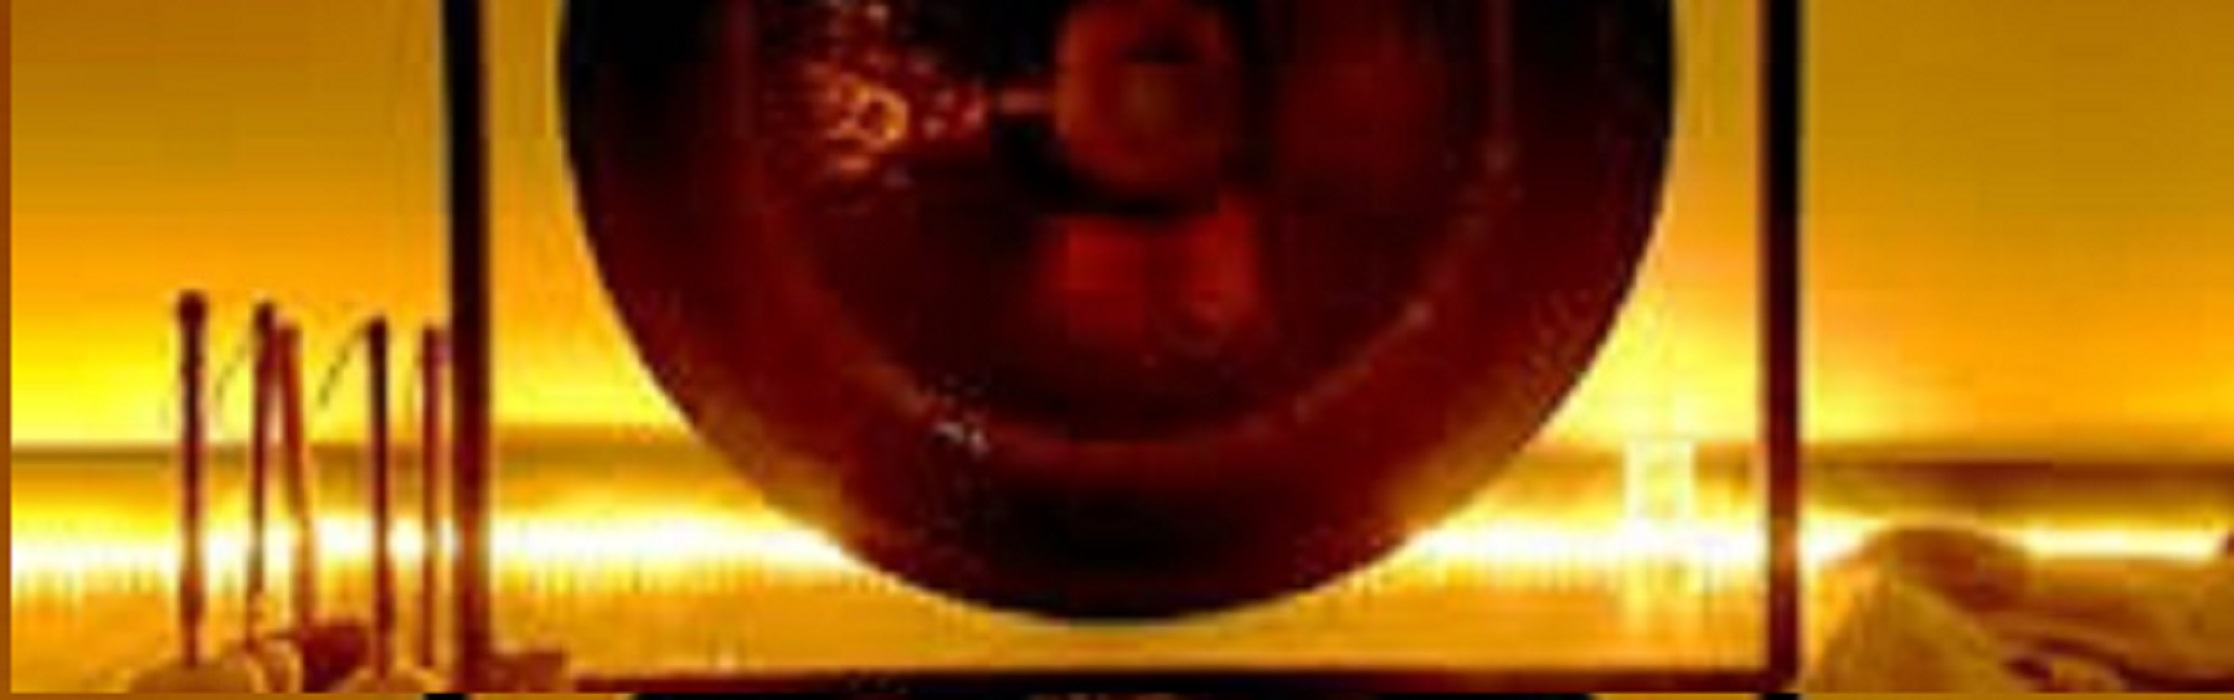 Samedi 29 mai: Le café Pluche replonge dans le Bain… de Gong